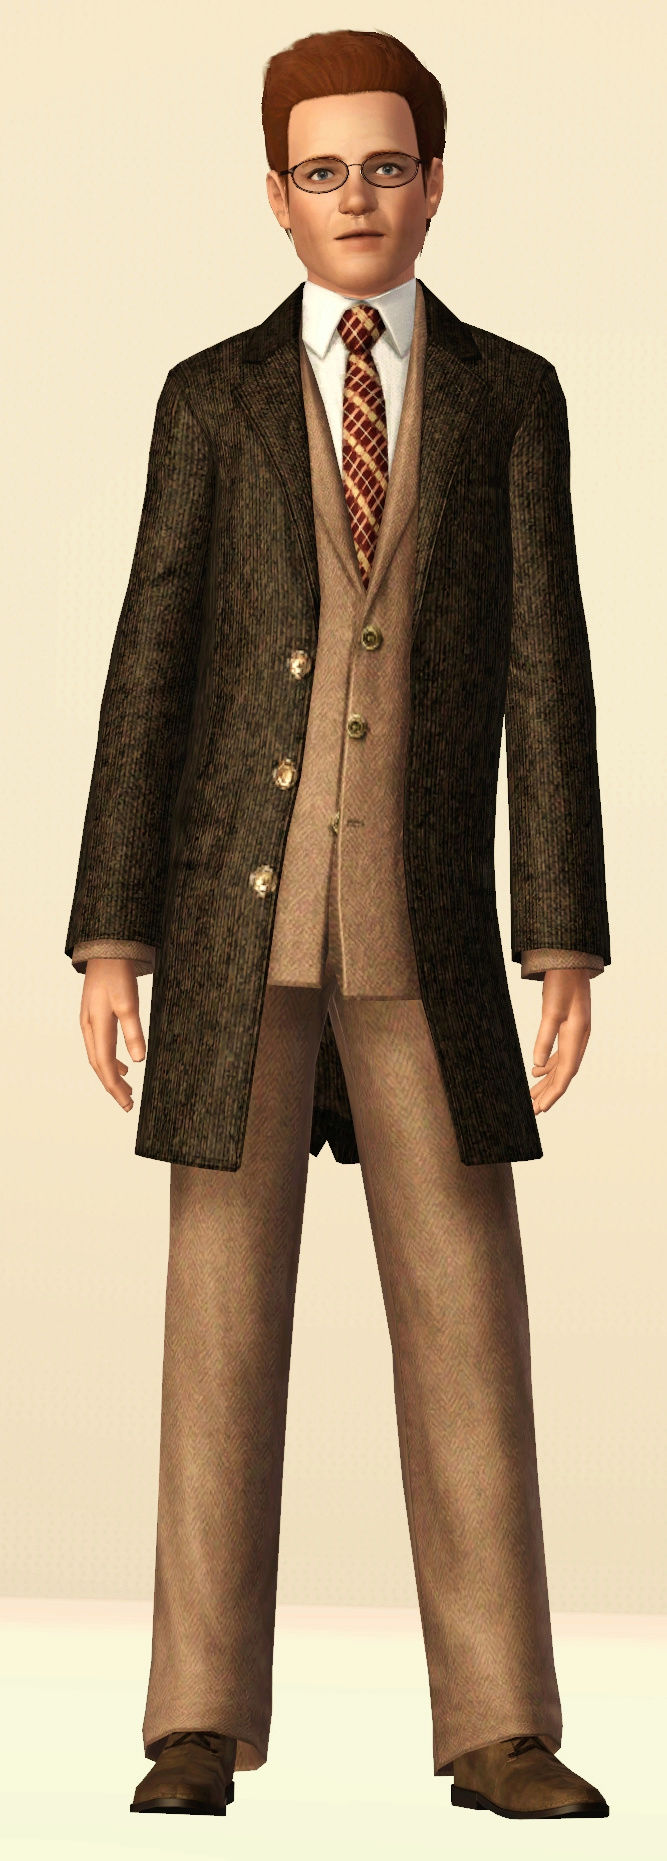 commande Sims 3 de plusieurs personnages  (OUAT) - Page 3 Sans_t10